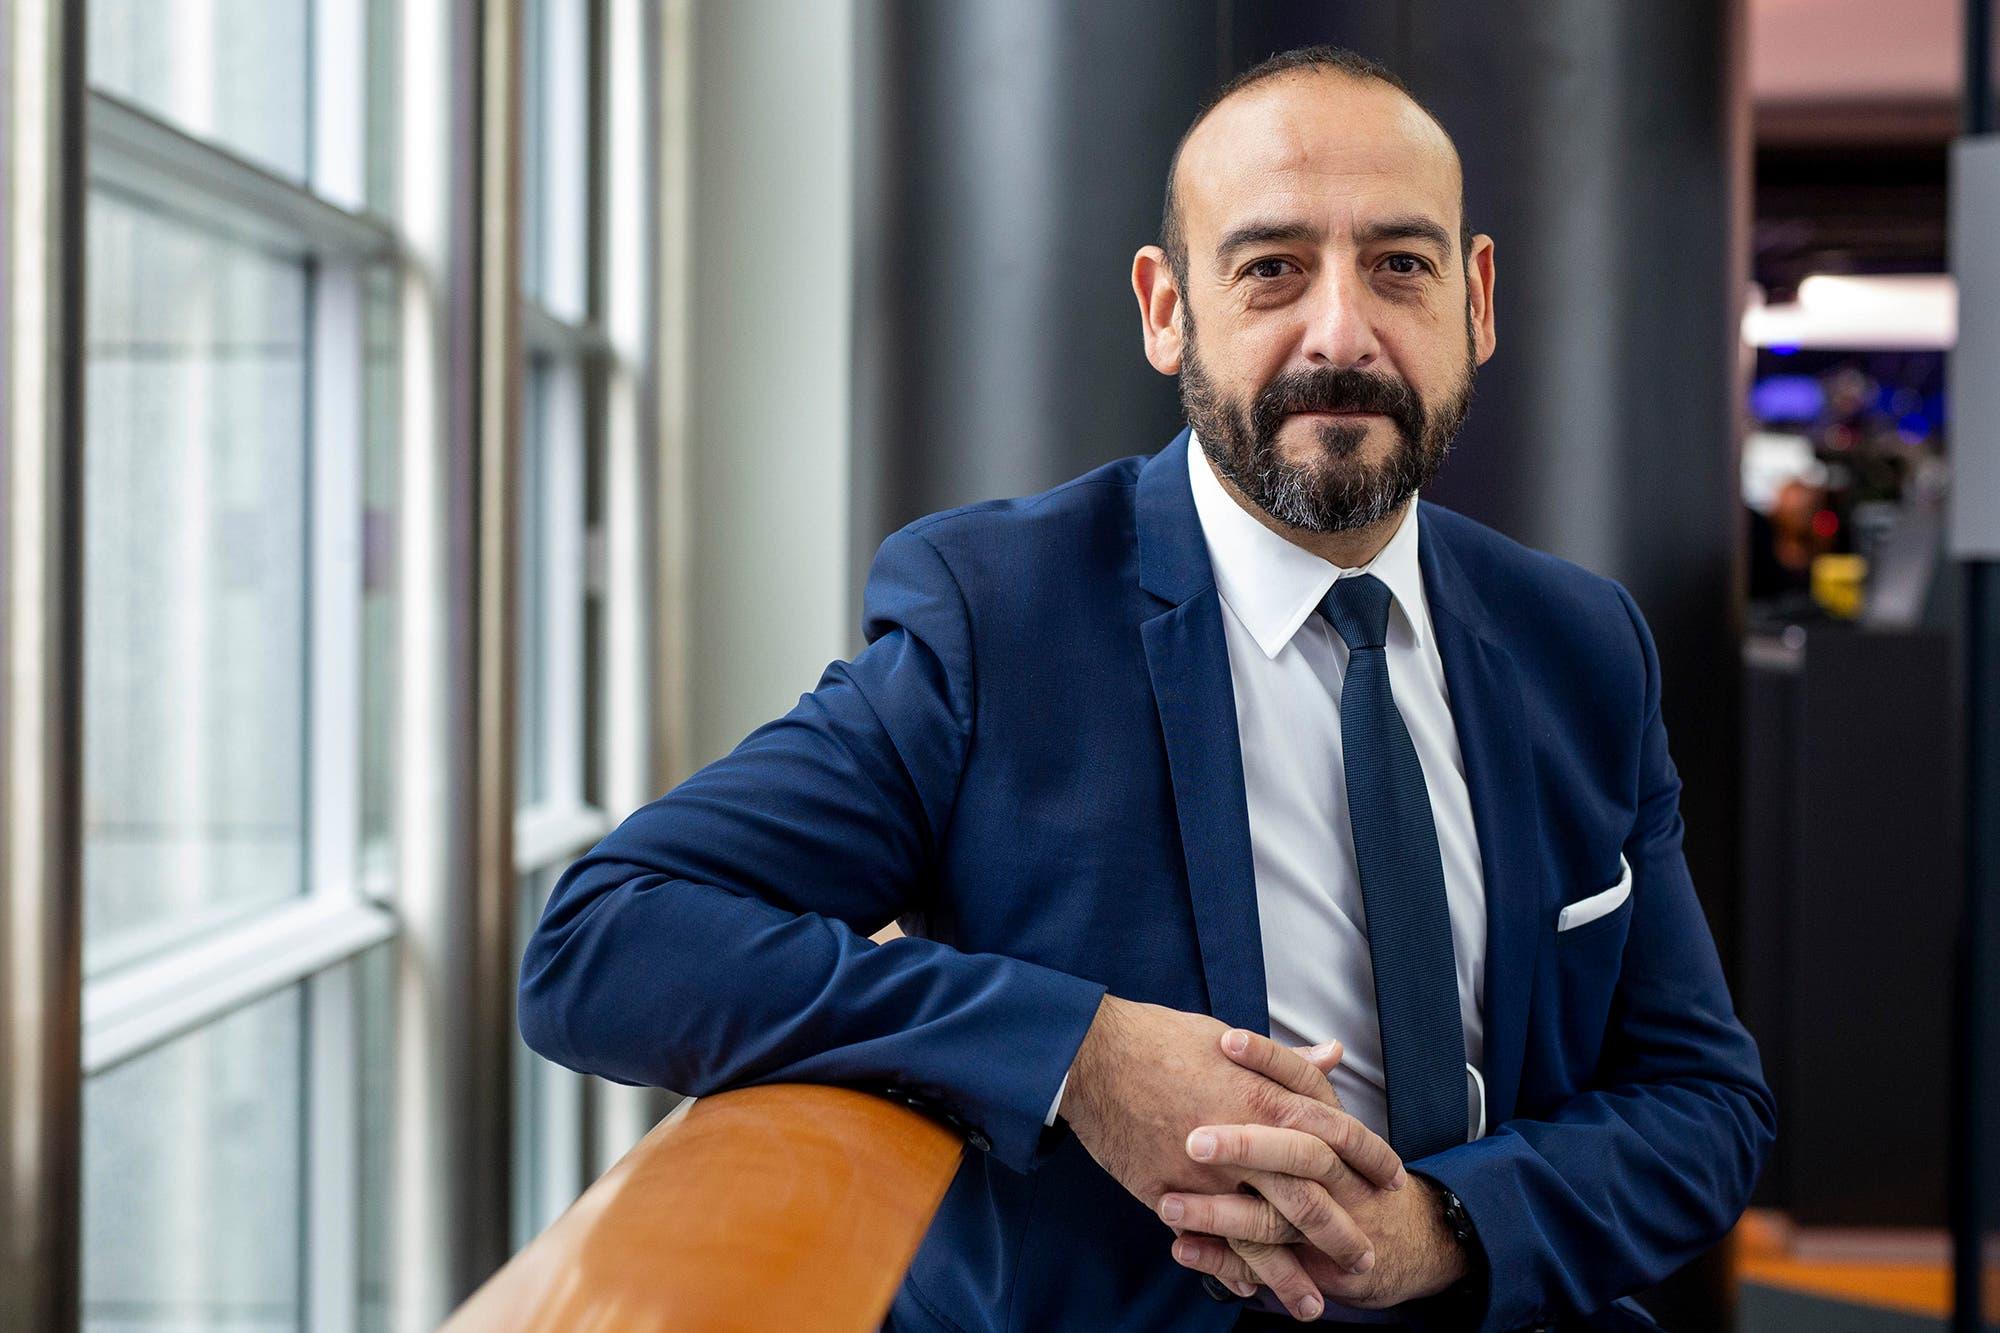 Actor Porno En Parlamento coronavirus: para jordi cañas, del parlamento europeo, la